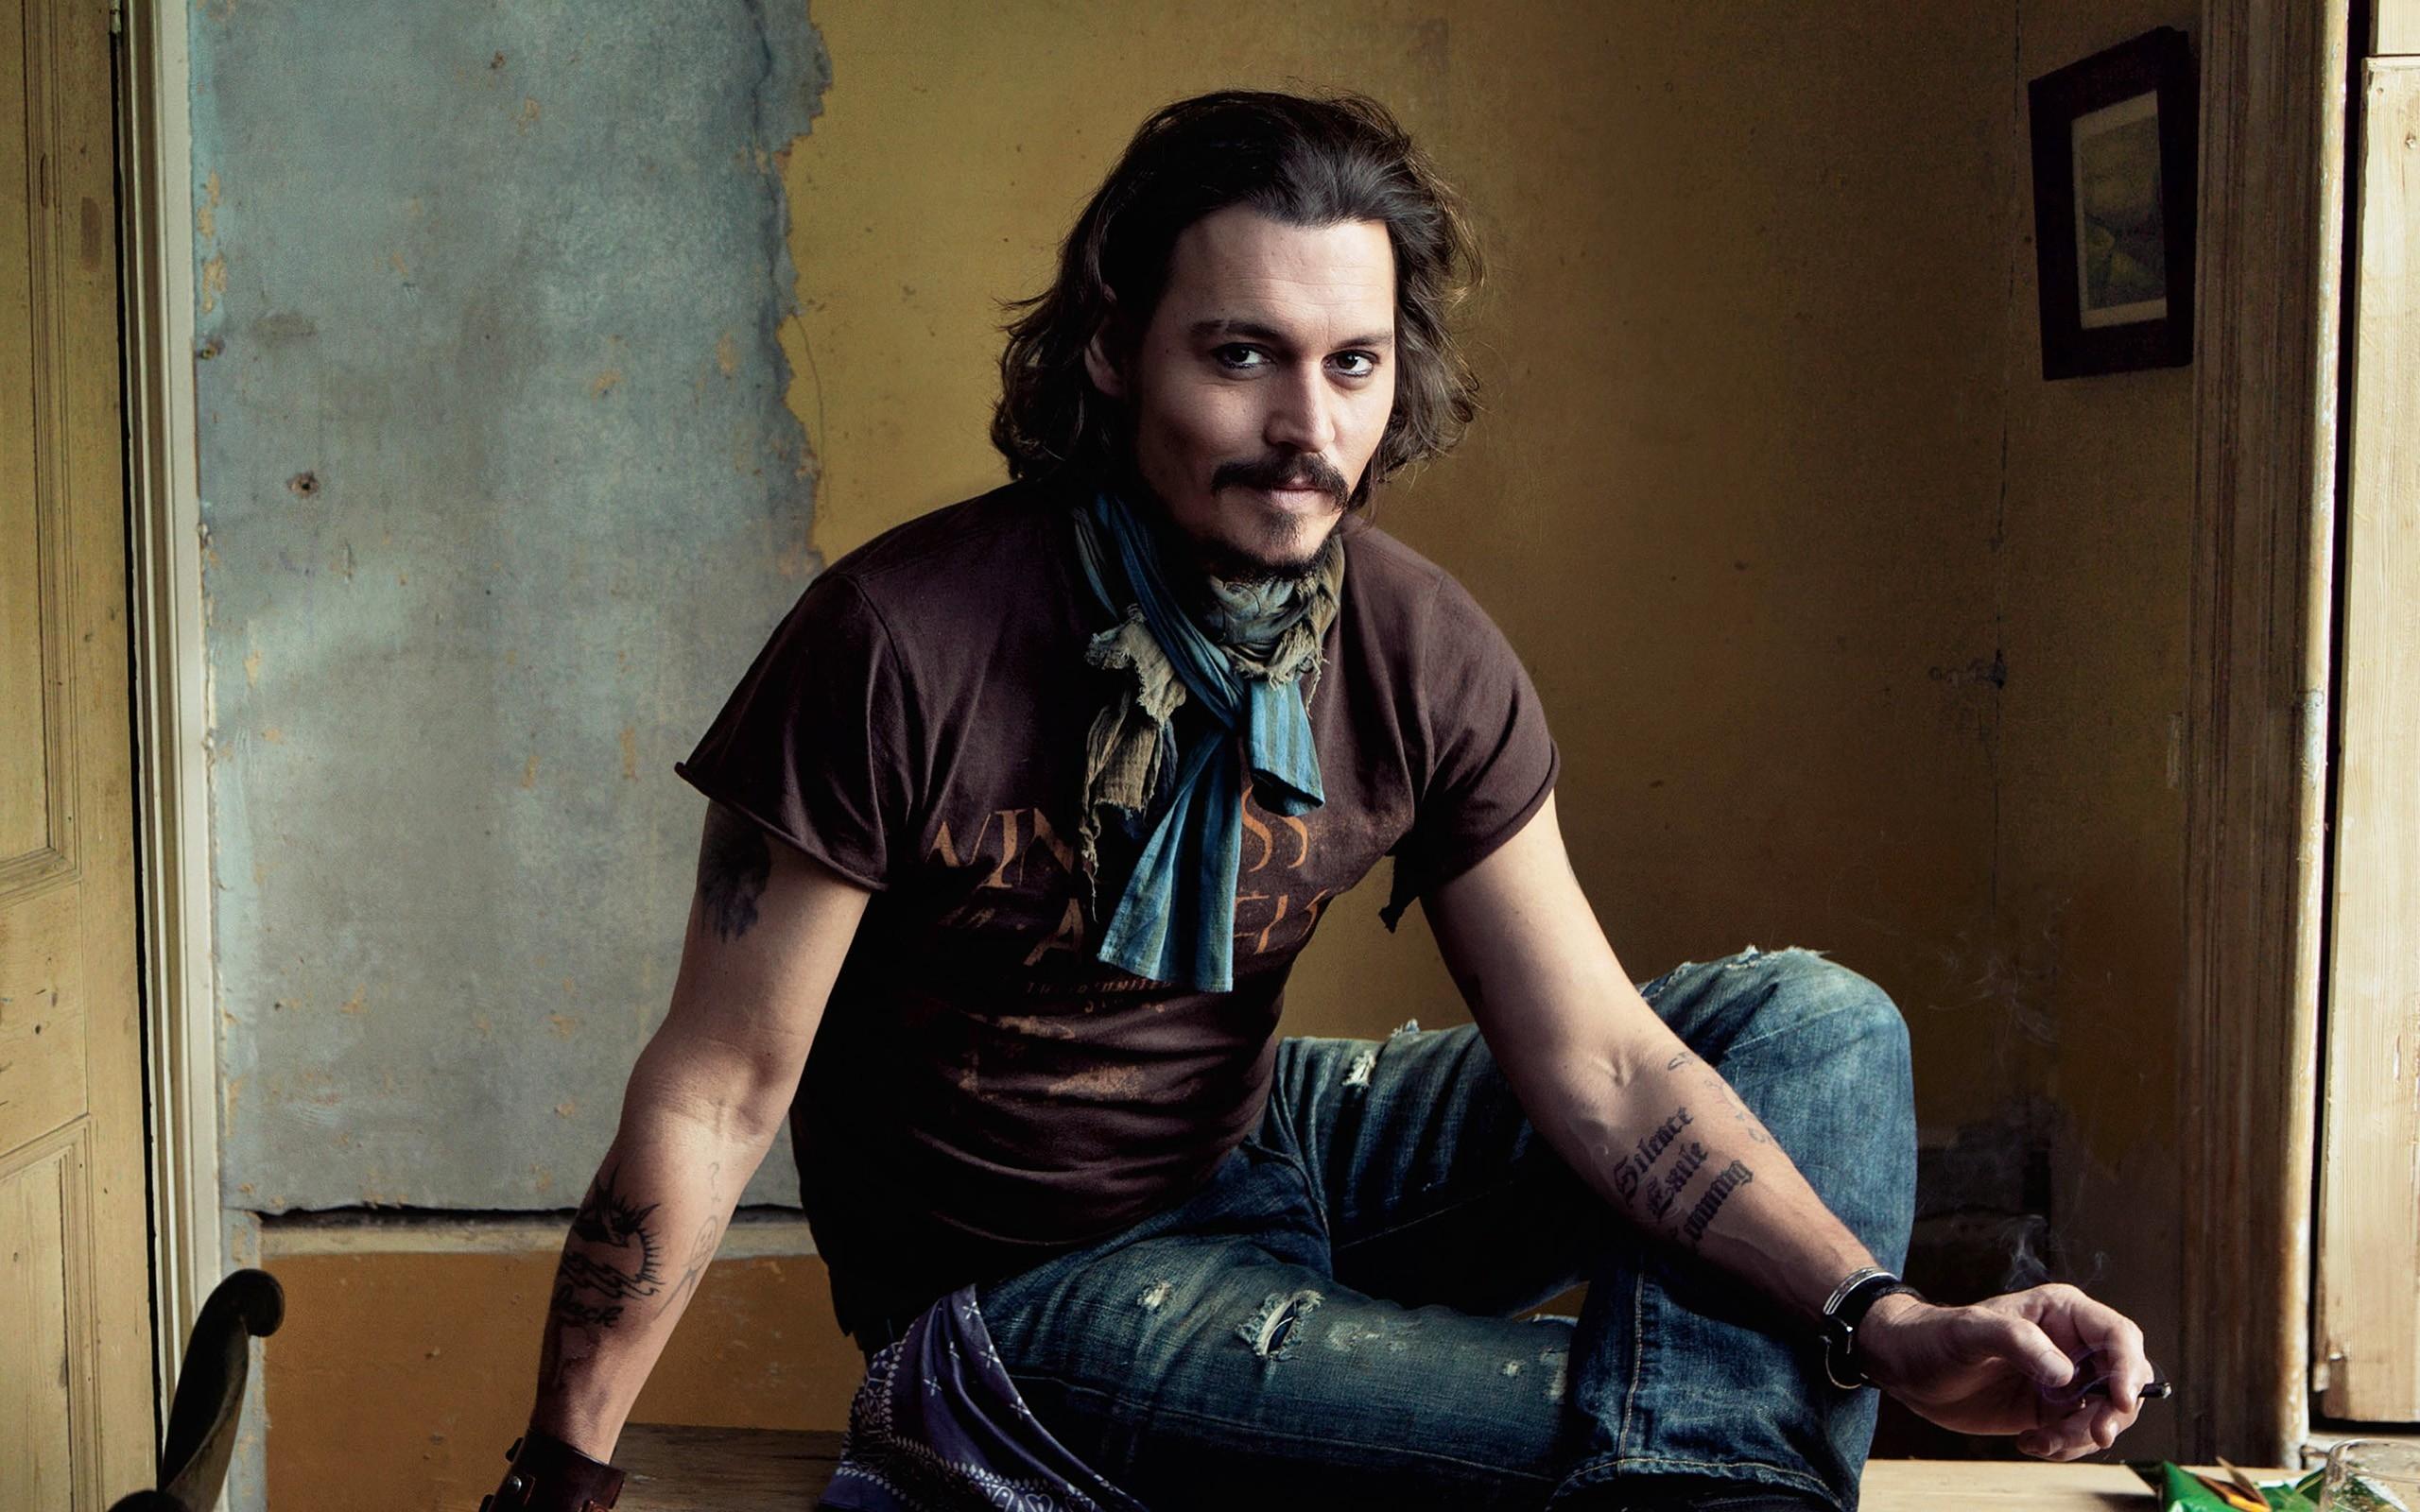 d353a58fa008 model portræt sidder fotografering skuespiller tatovering mode Person  Johnny Depp farve mand dame stilfuld humane positioner